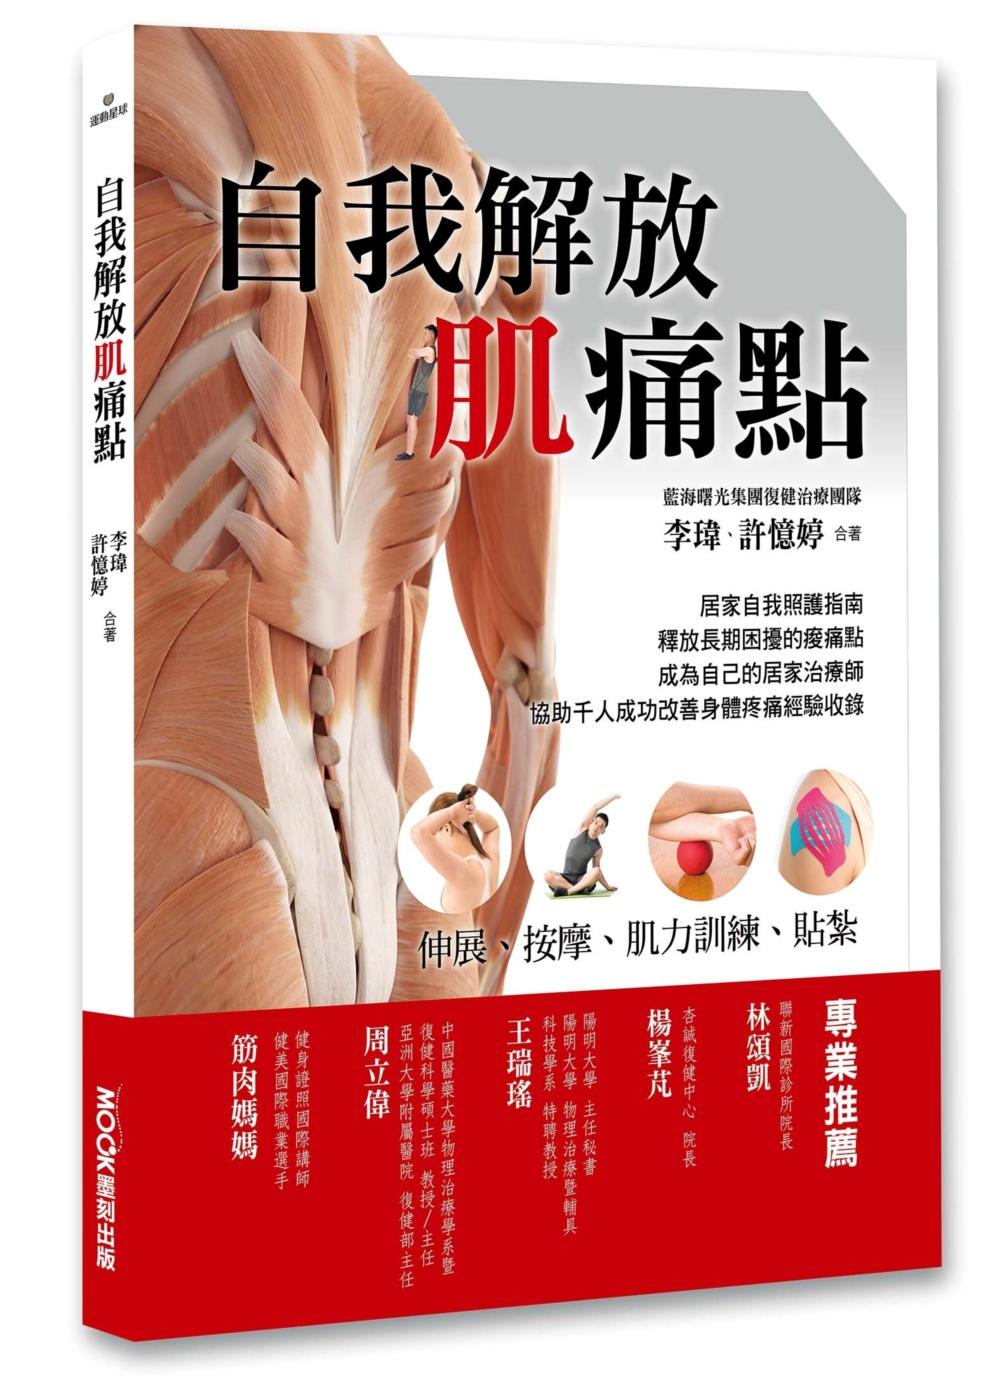 自我解放肌痛點:痠痛檢測、伸展...